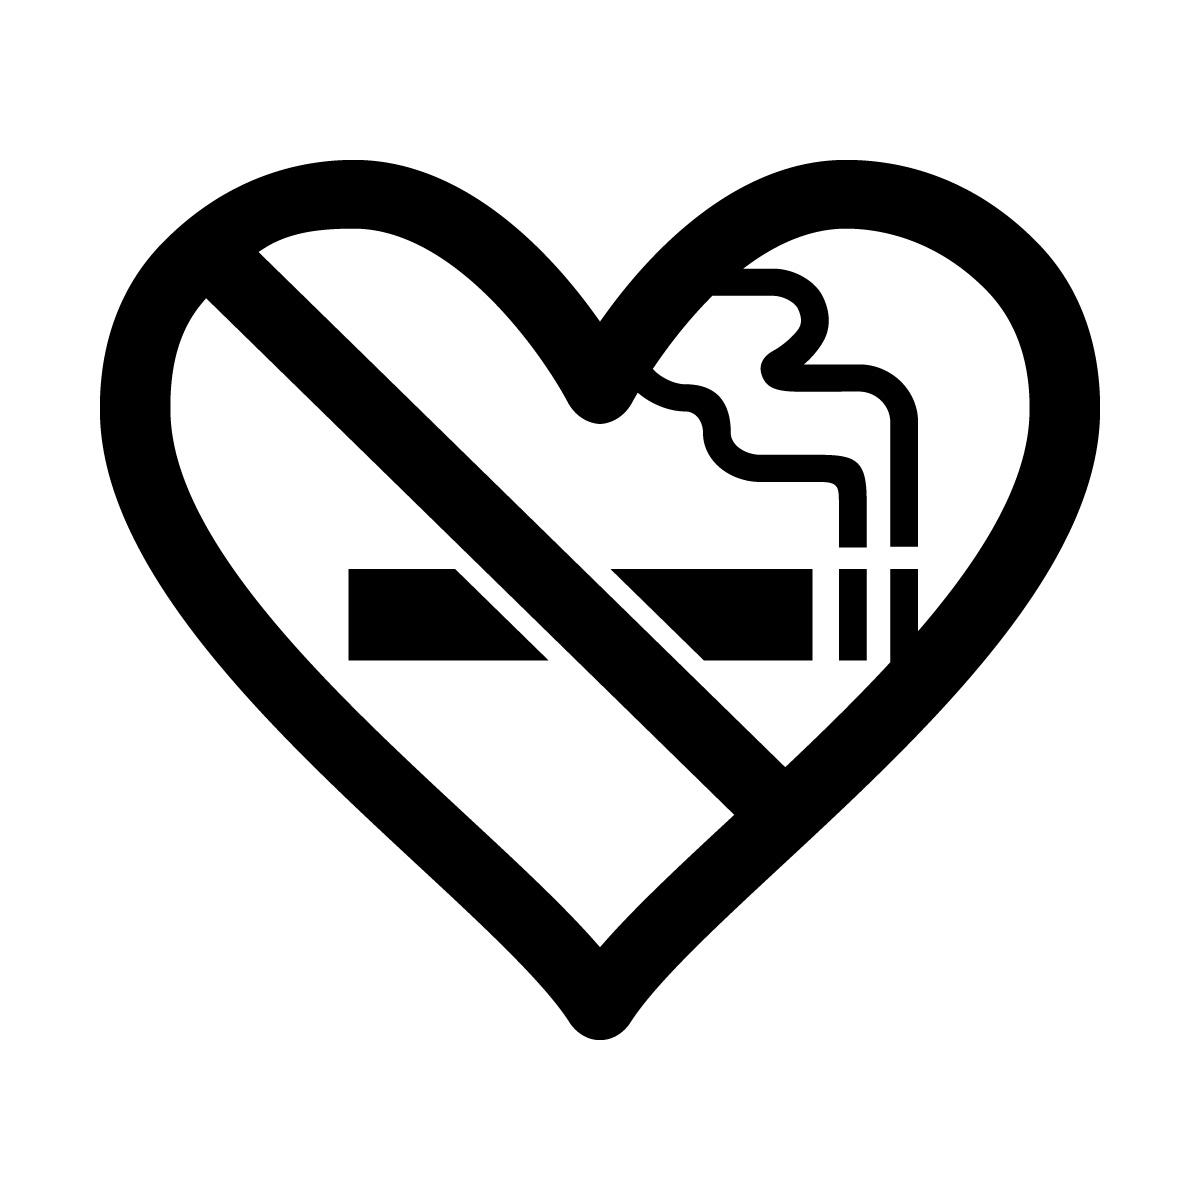 黒色の禁煙 ハート シール ステッカー カッティングステッカー 光沢タイプ・防水 耐水・屋外耐候3~4年